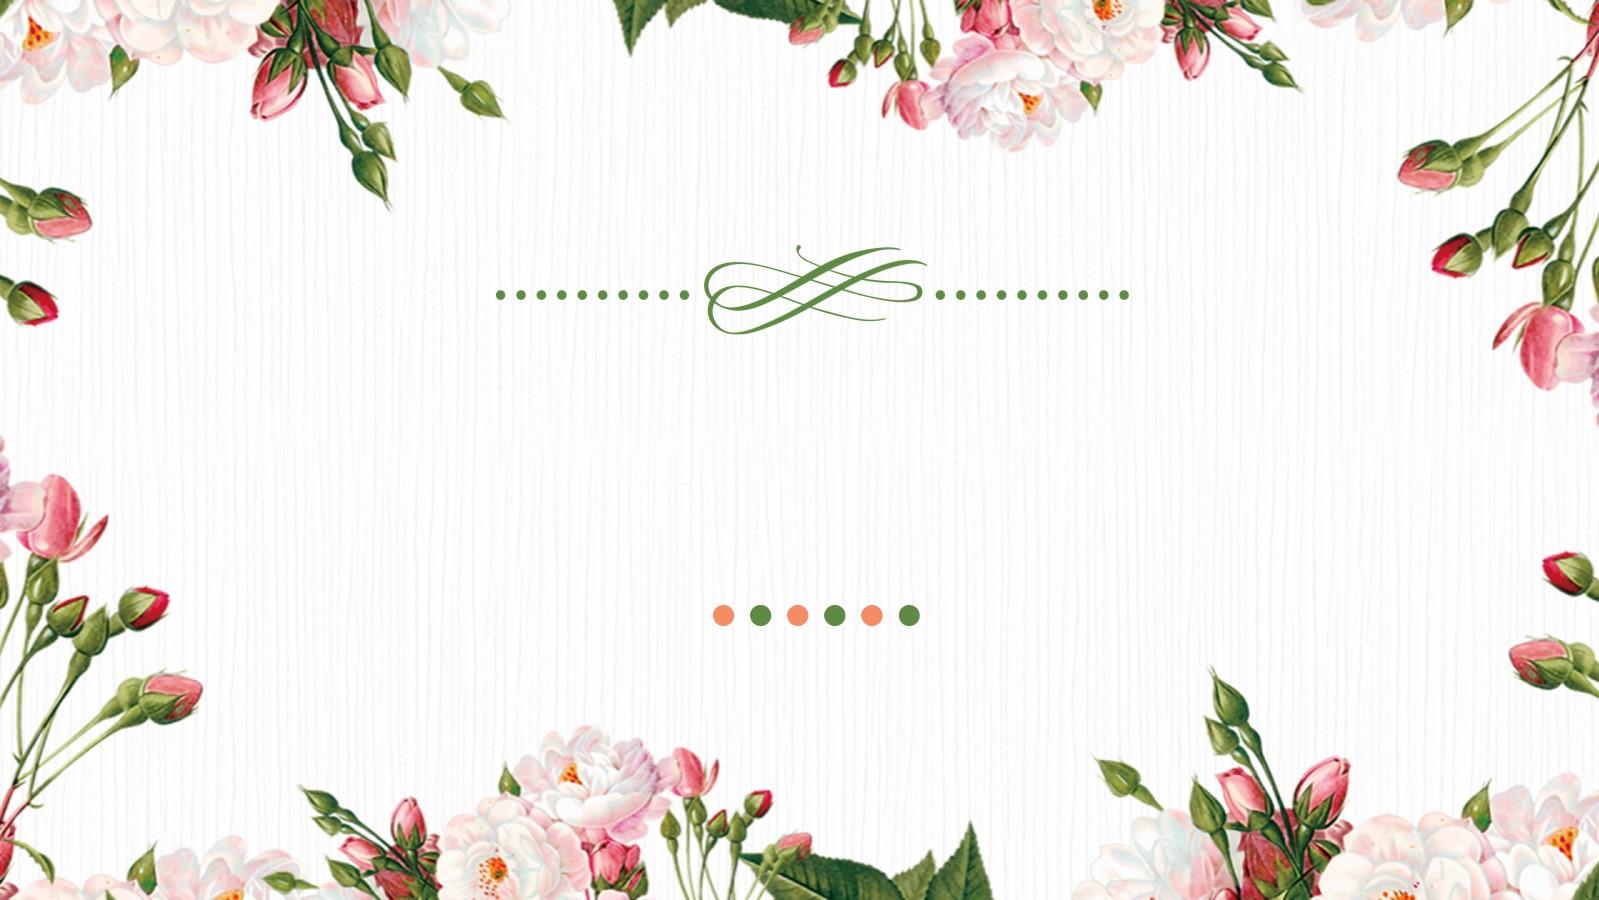 清新韩范花卉背景幻灯片模板